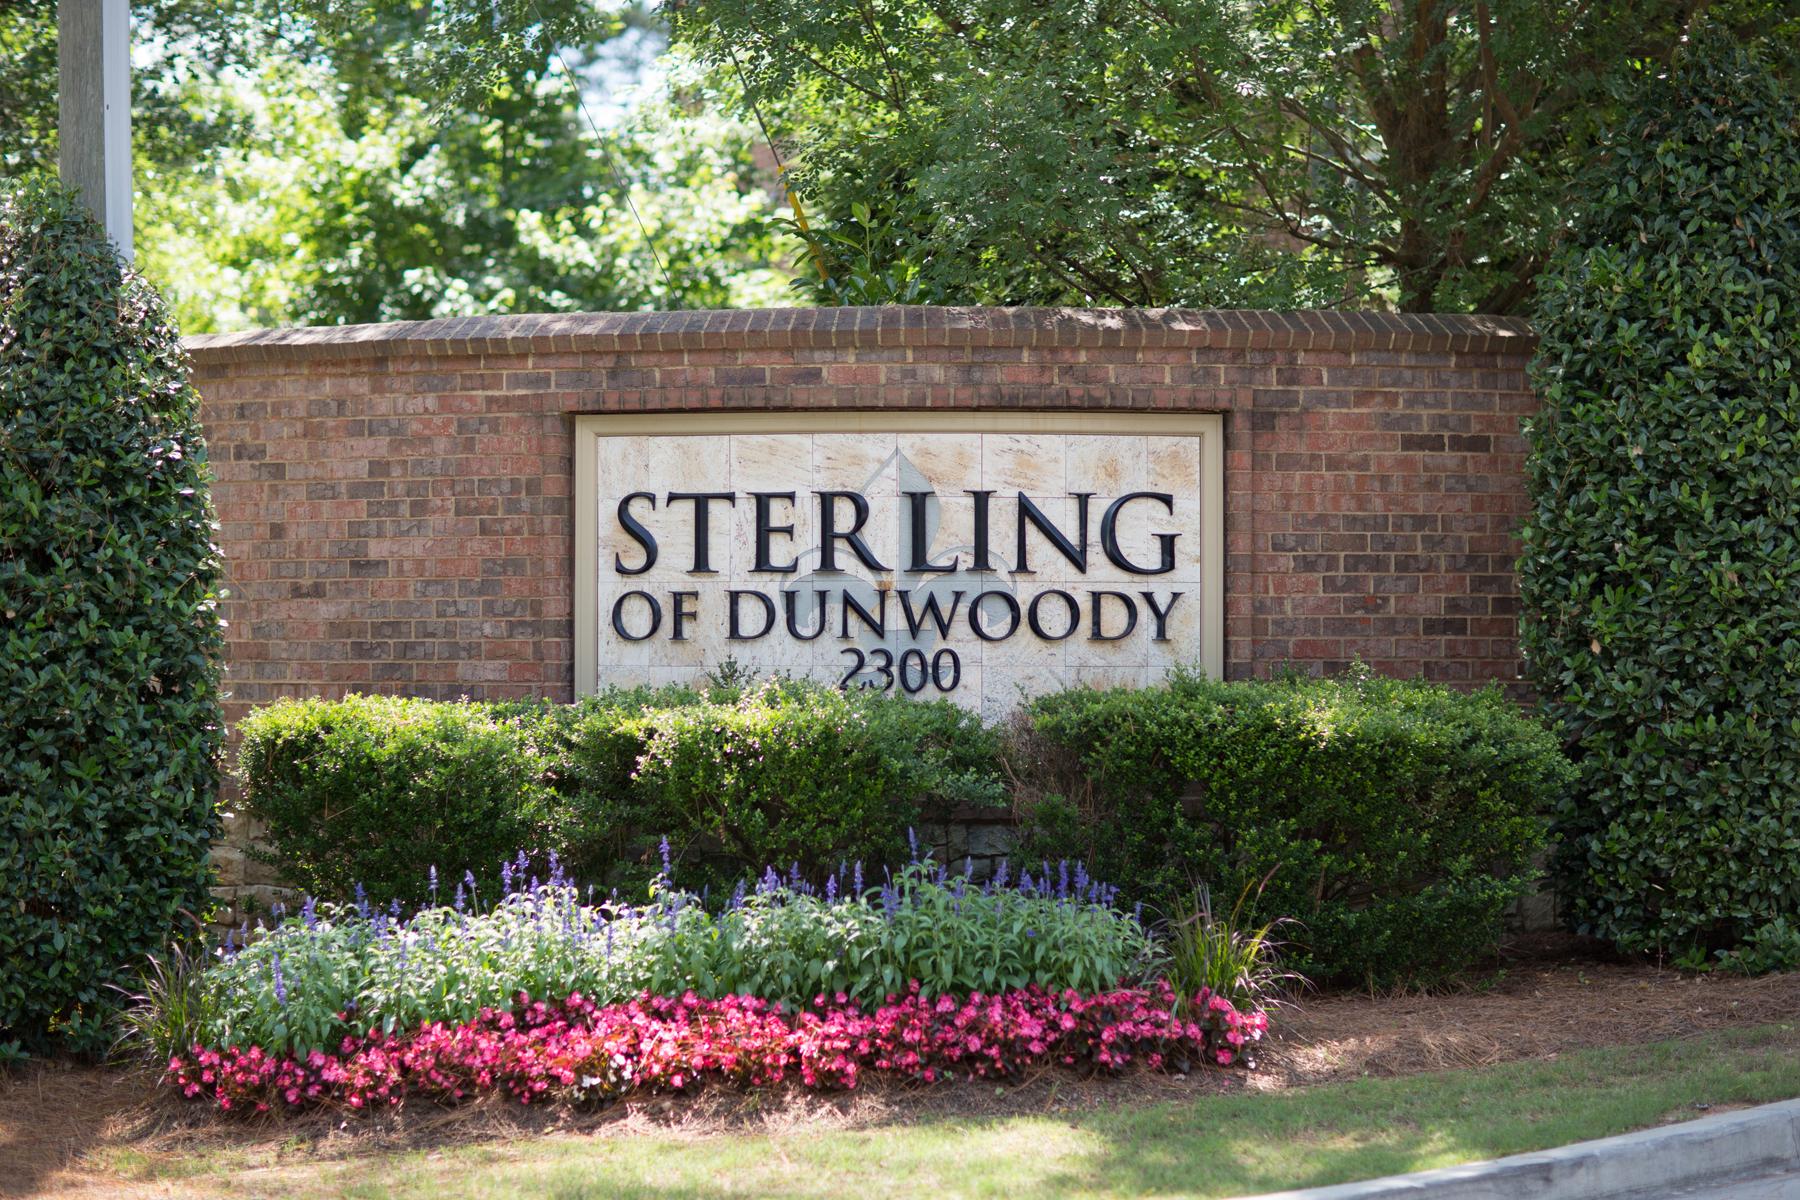 Condominium for Sale at Beautiful Dunwoody Luxury Condo 2300 Peachford Road, No. 1308 Atlanta, Georgia 30338 United States